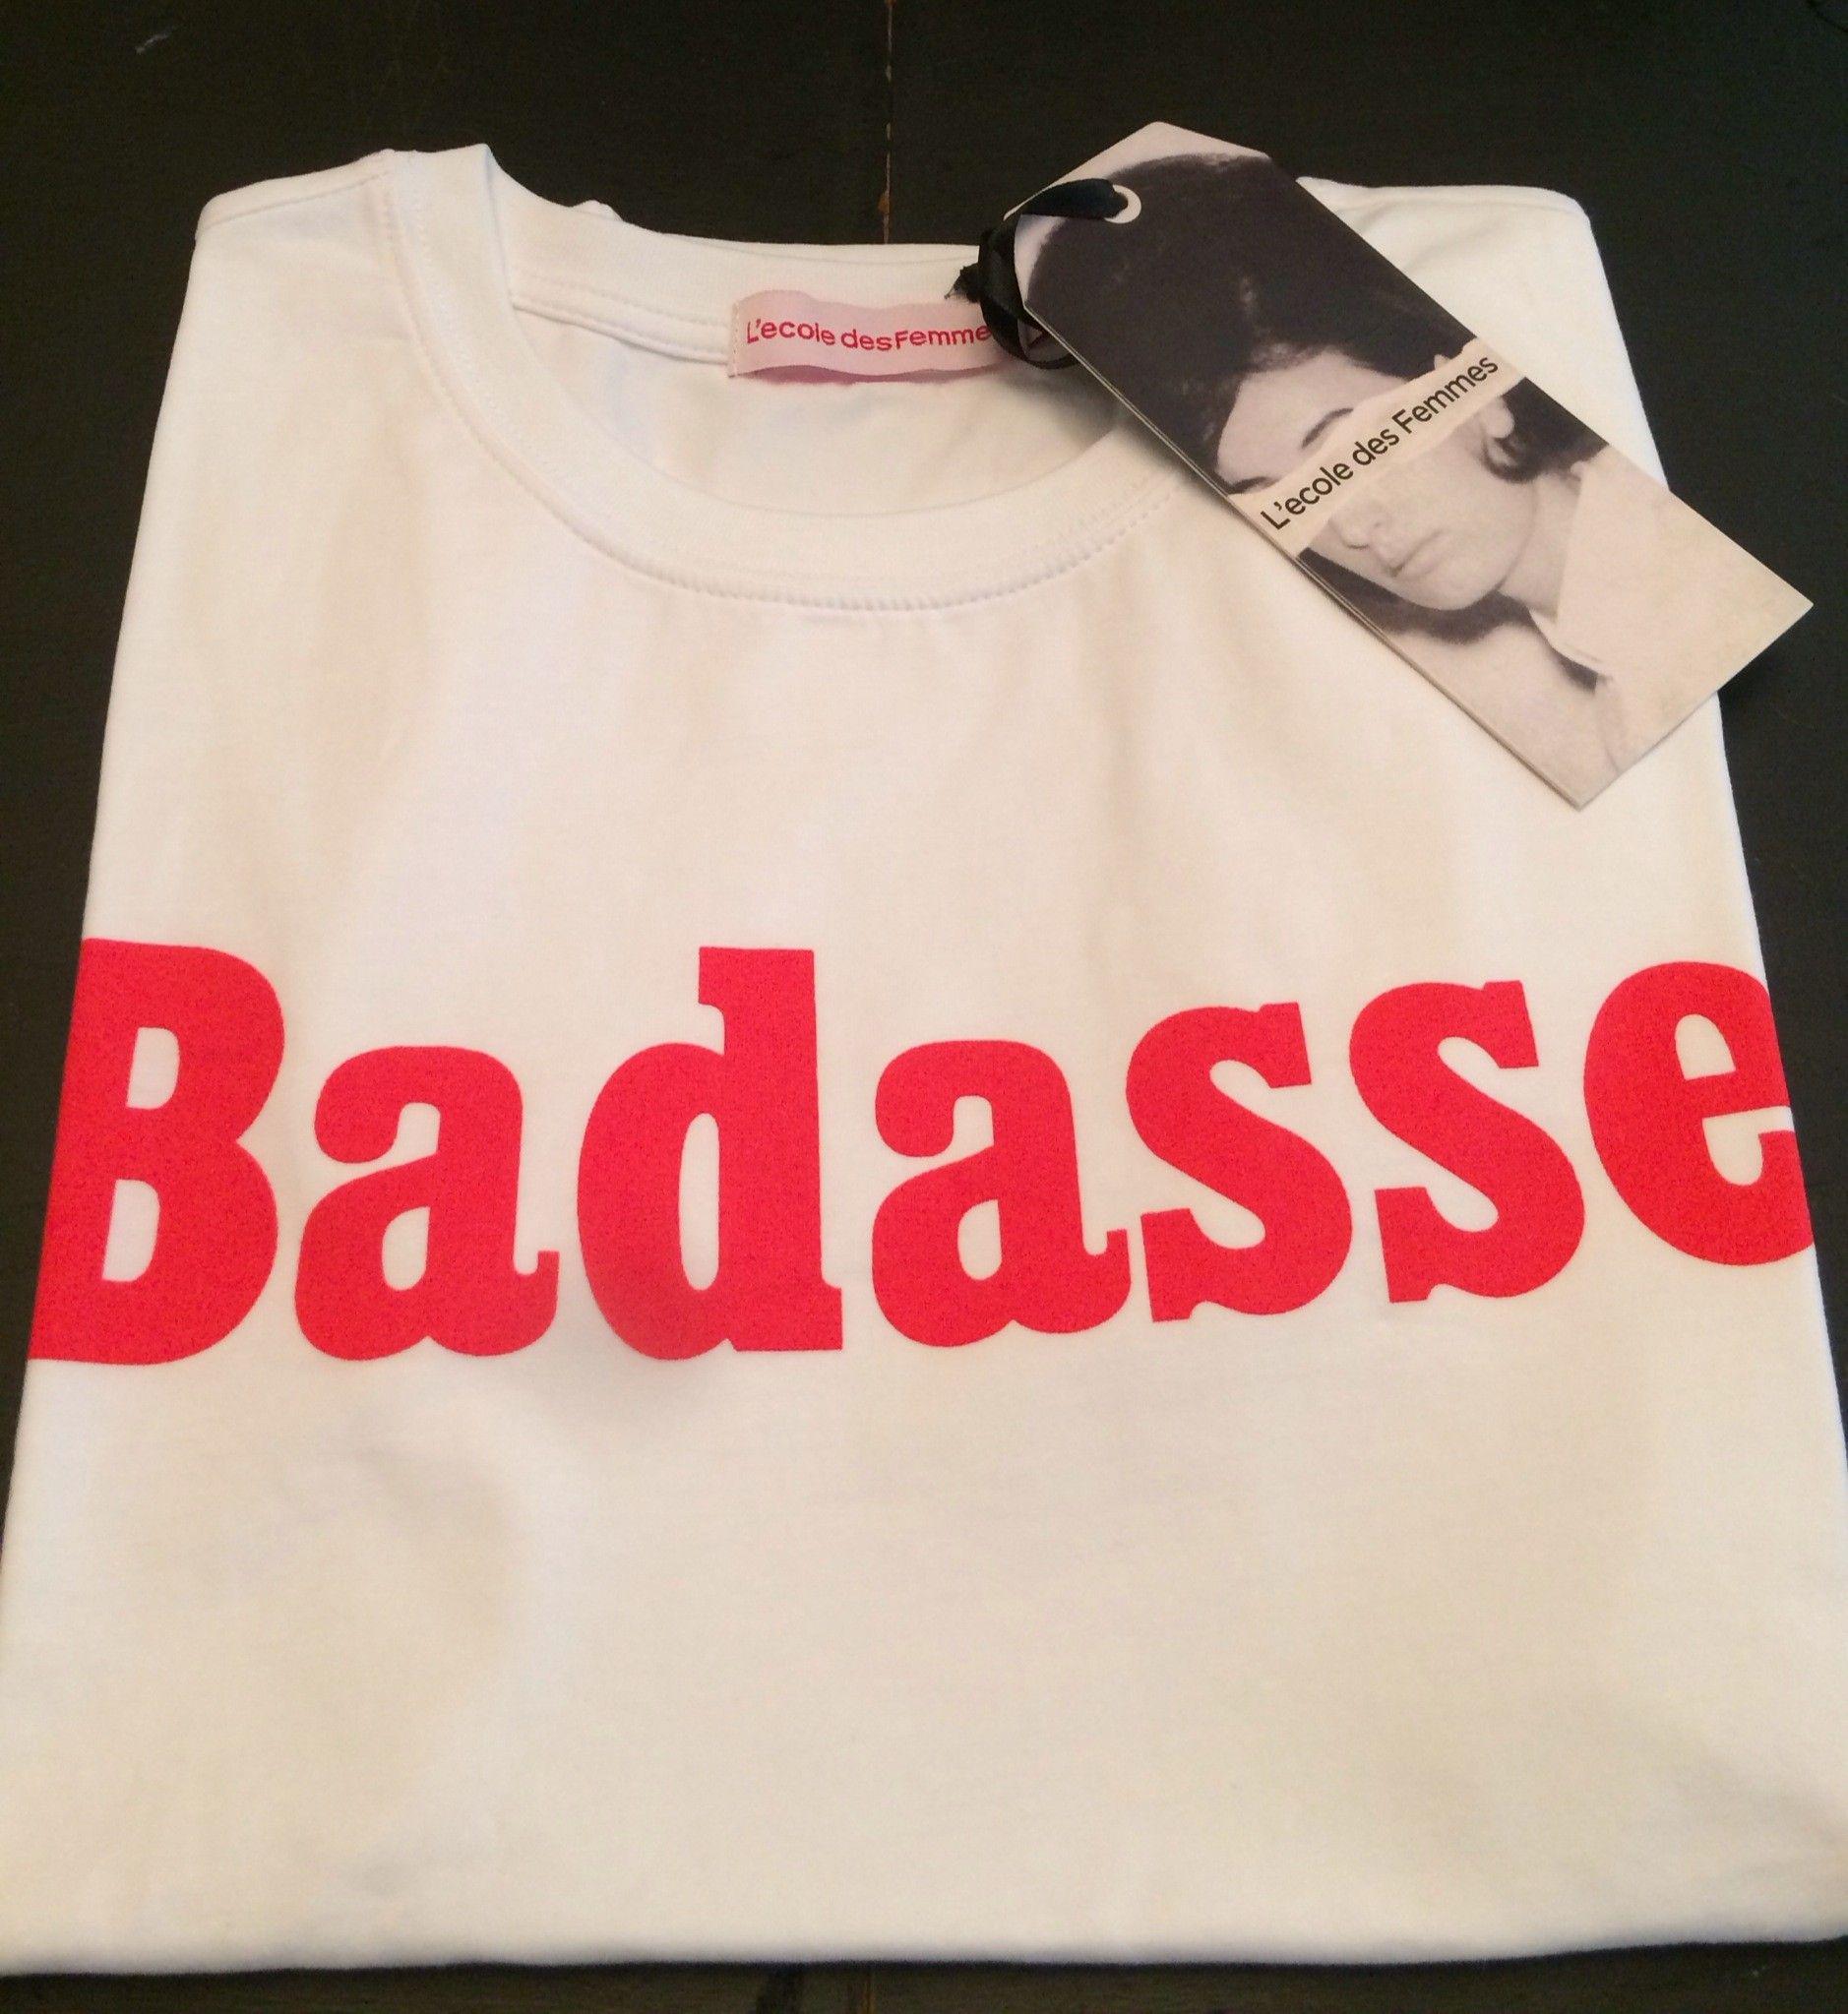 Badasse